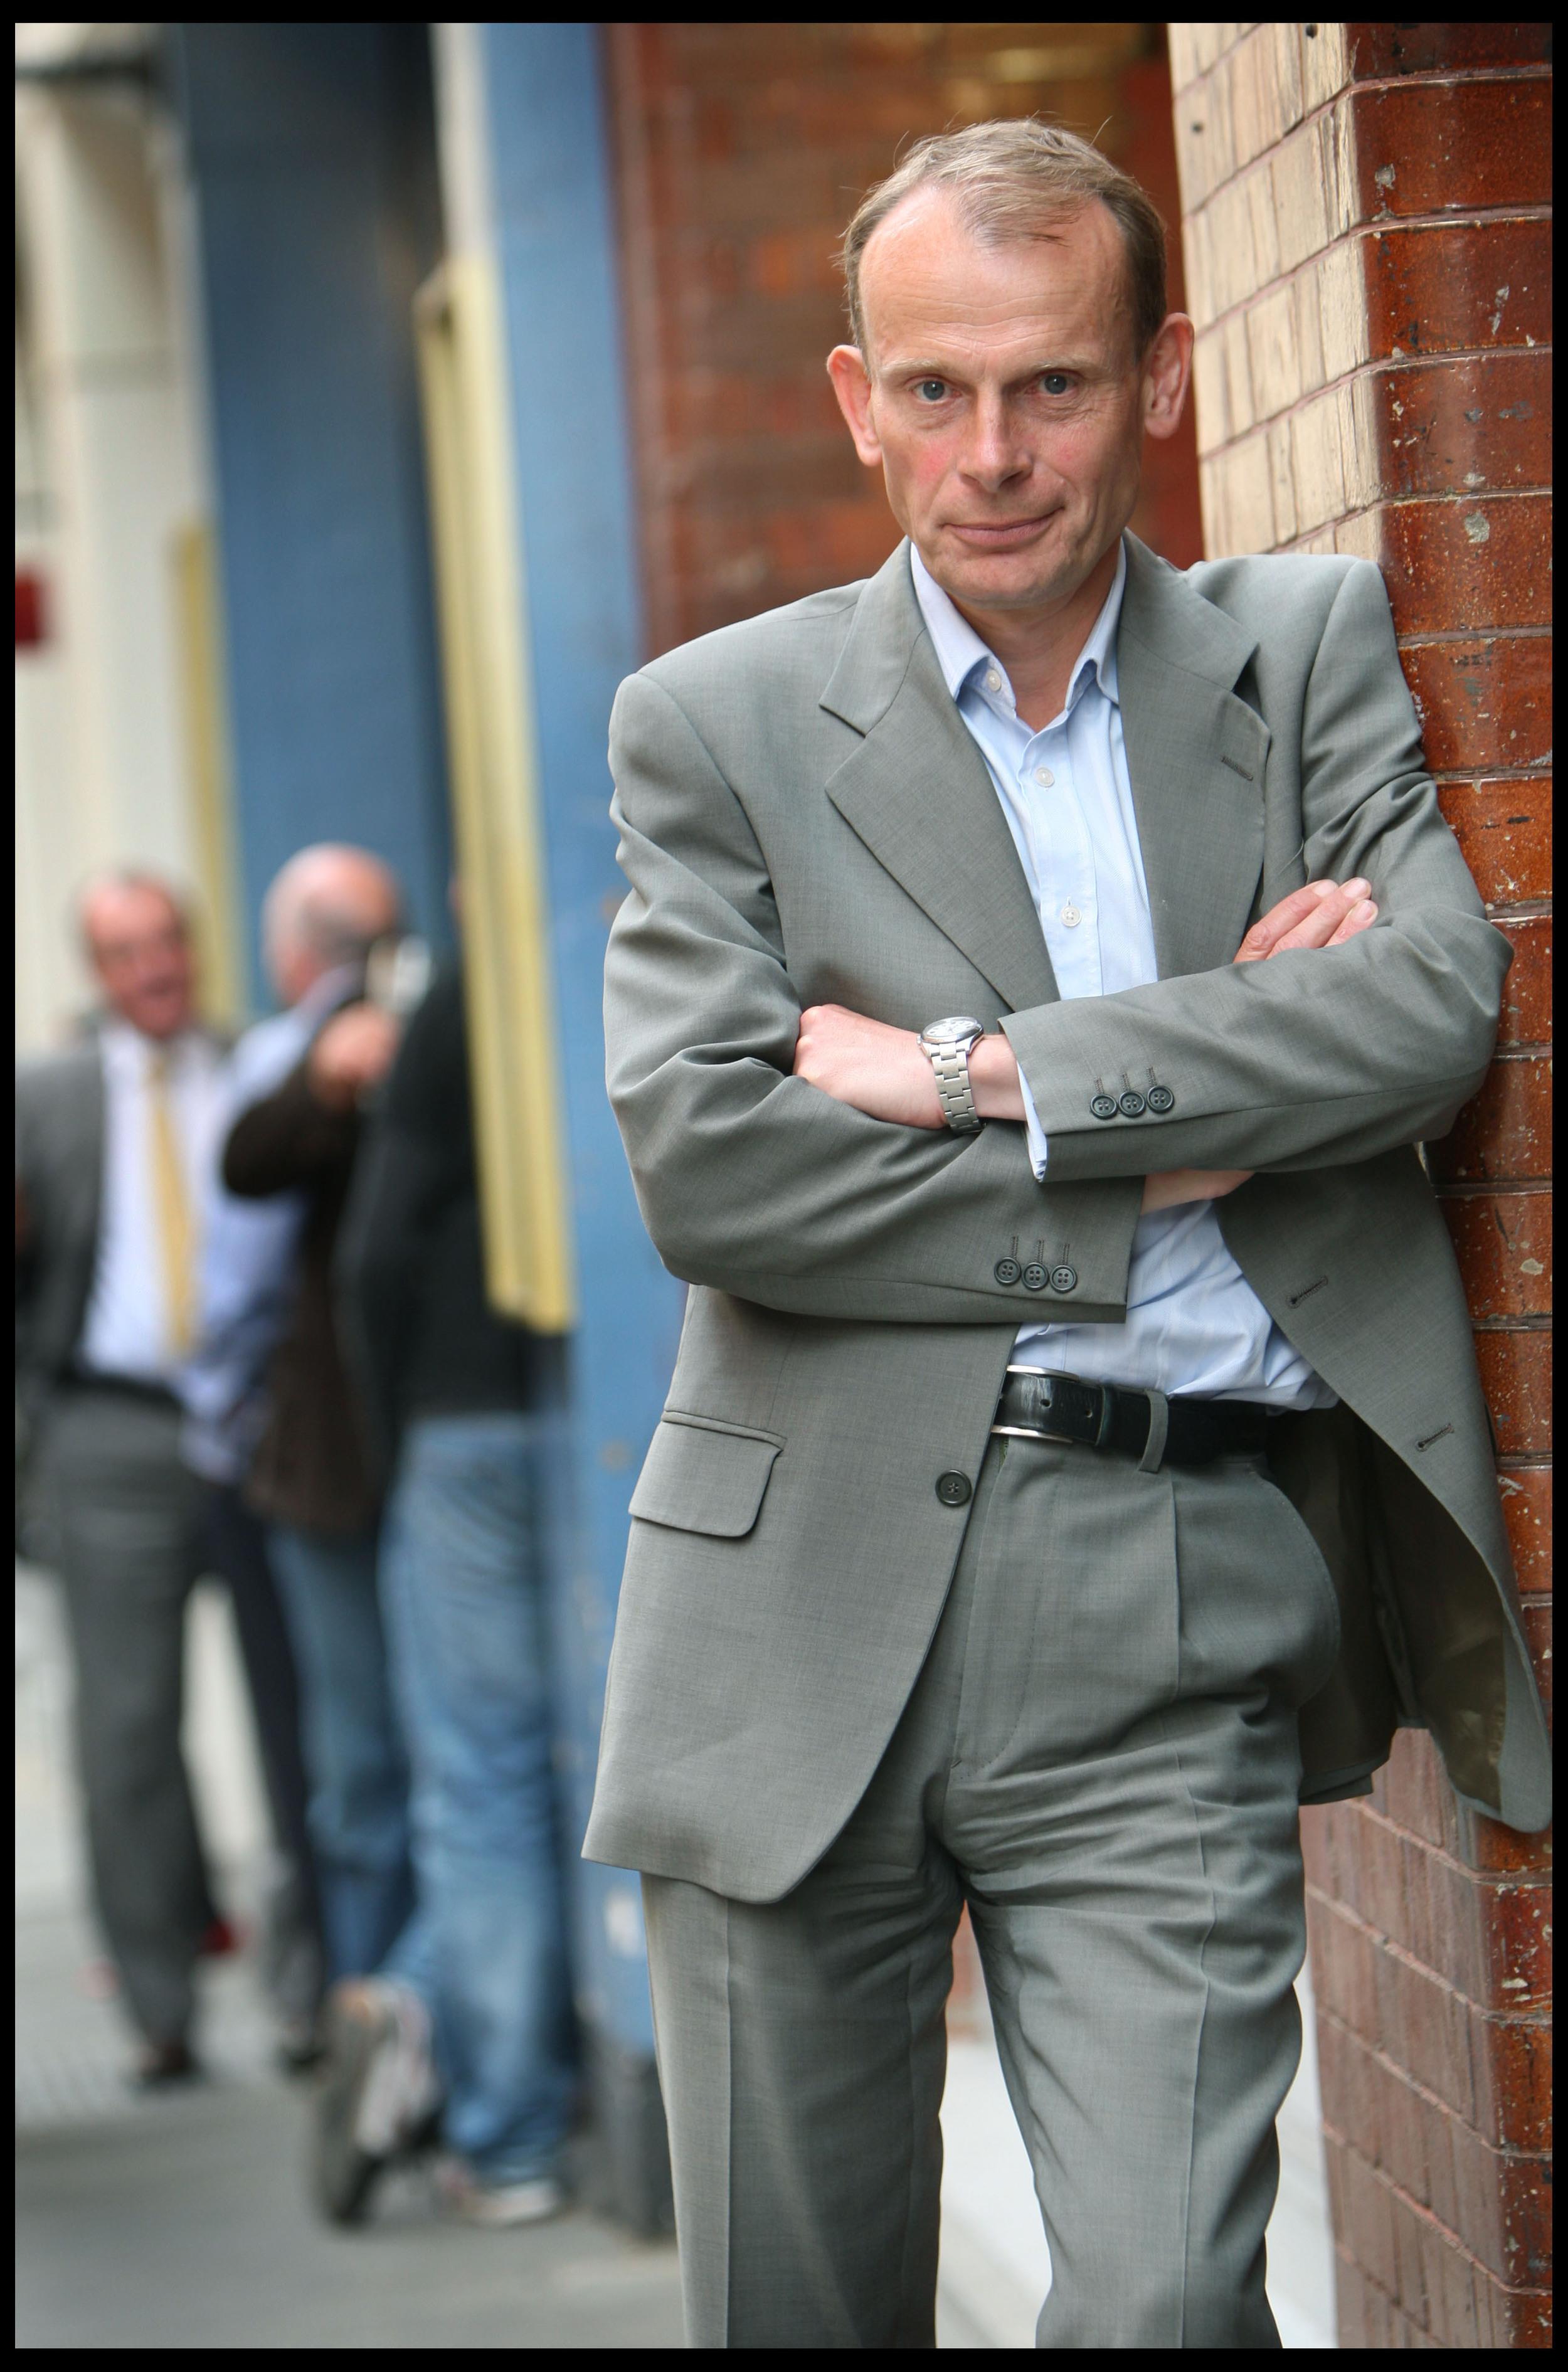 Andrew Marr, TV presenter